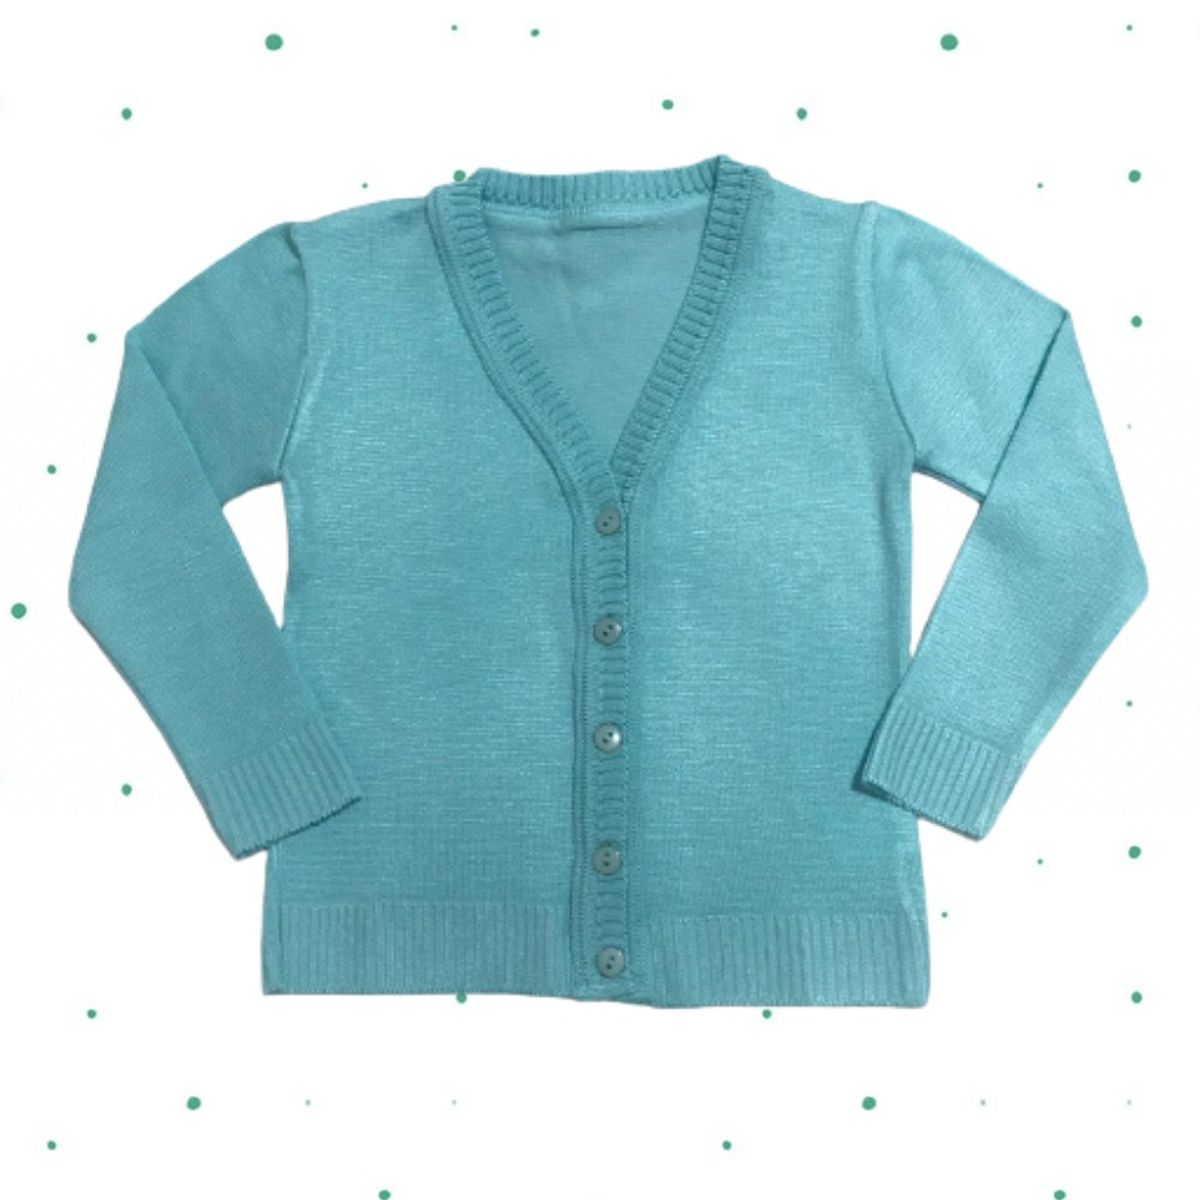 Cardigan de Tricô Infantil Básico com botões- Verde Tiffany